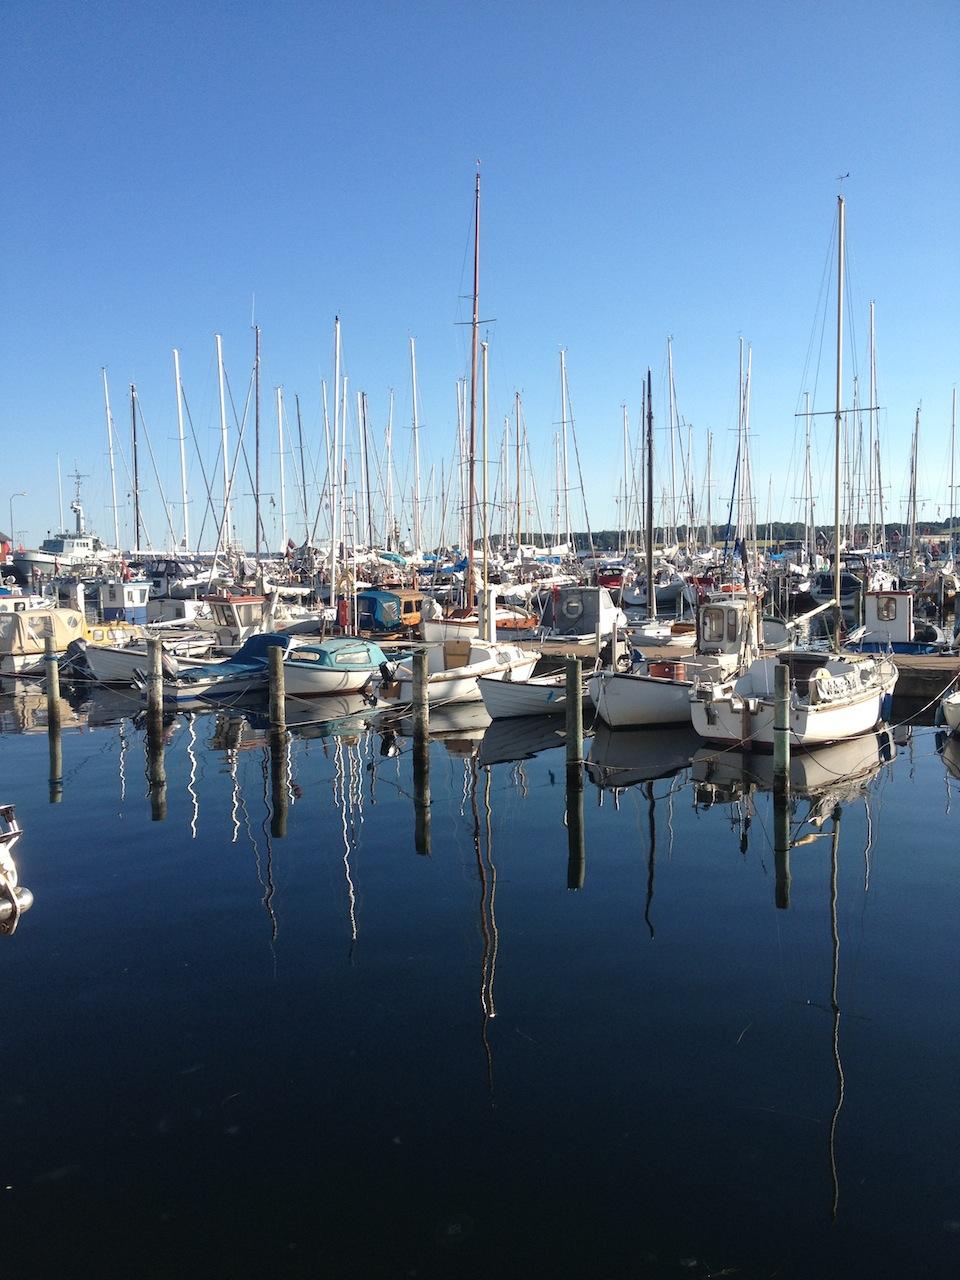 Hafen Spiegelung